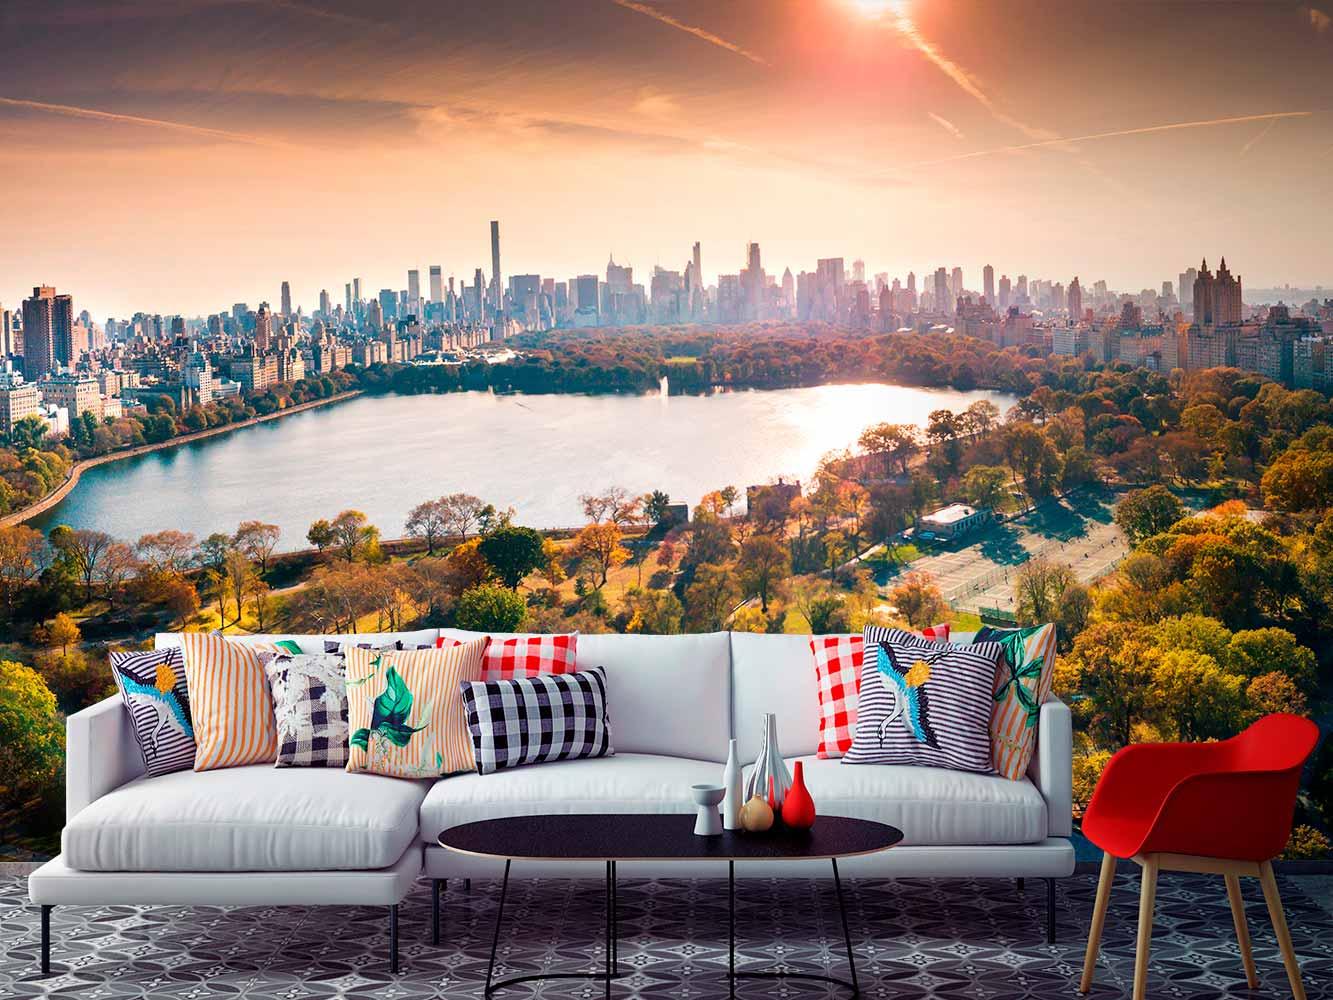 Fotomural Central Park Amanecer | Carteles XXL - Impresión carteleria publicitaria